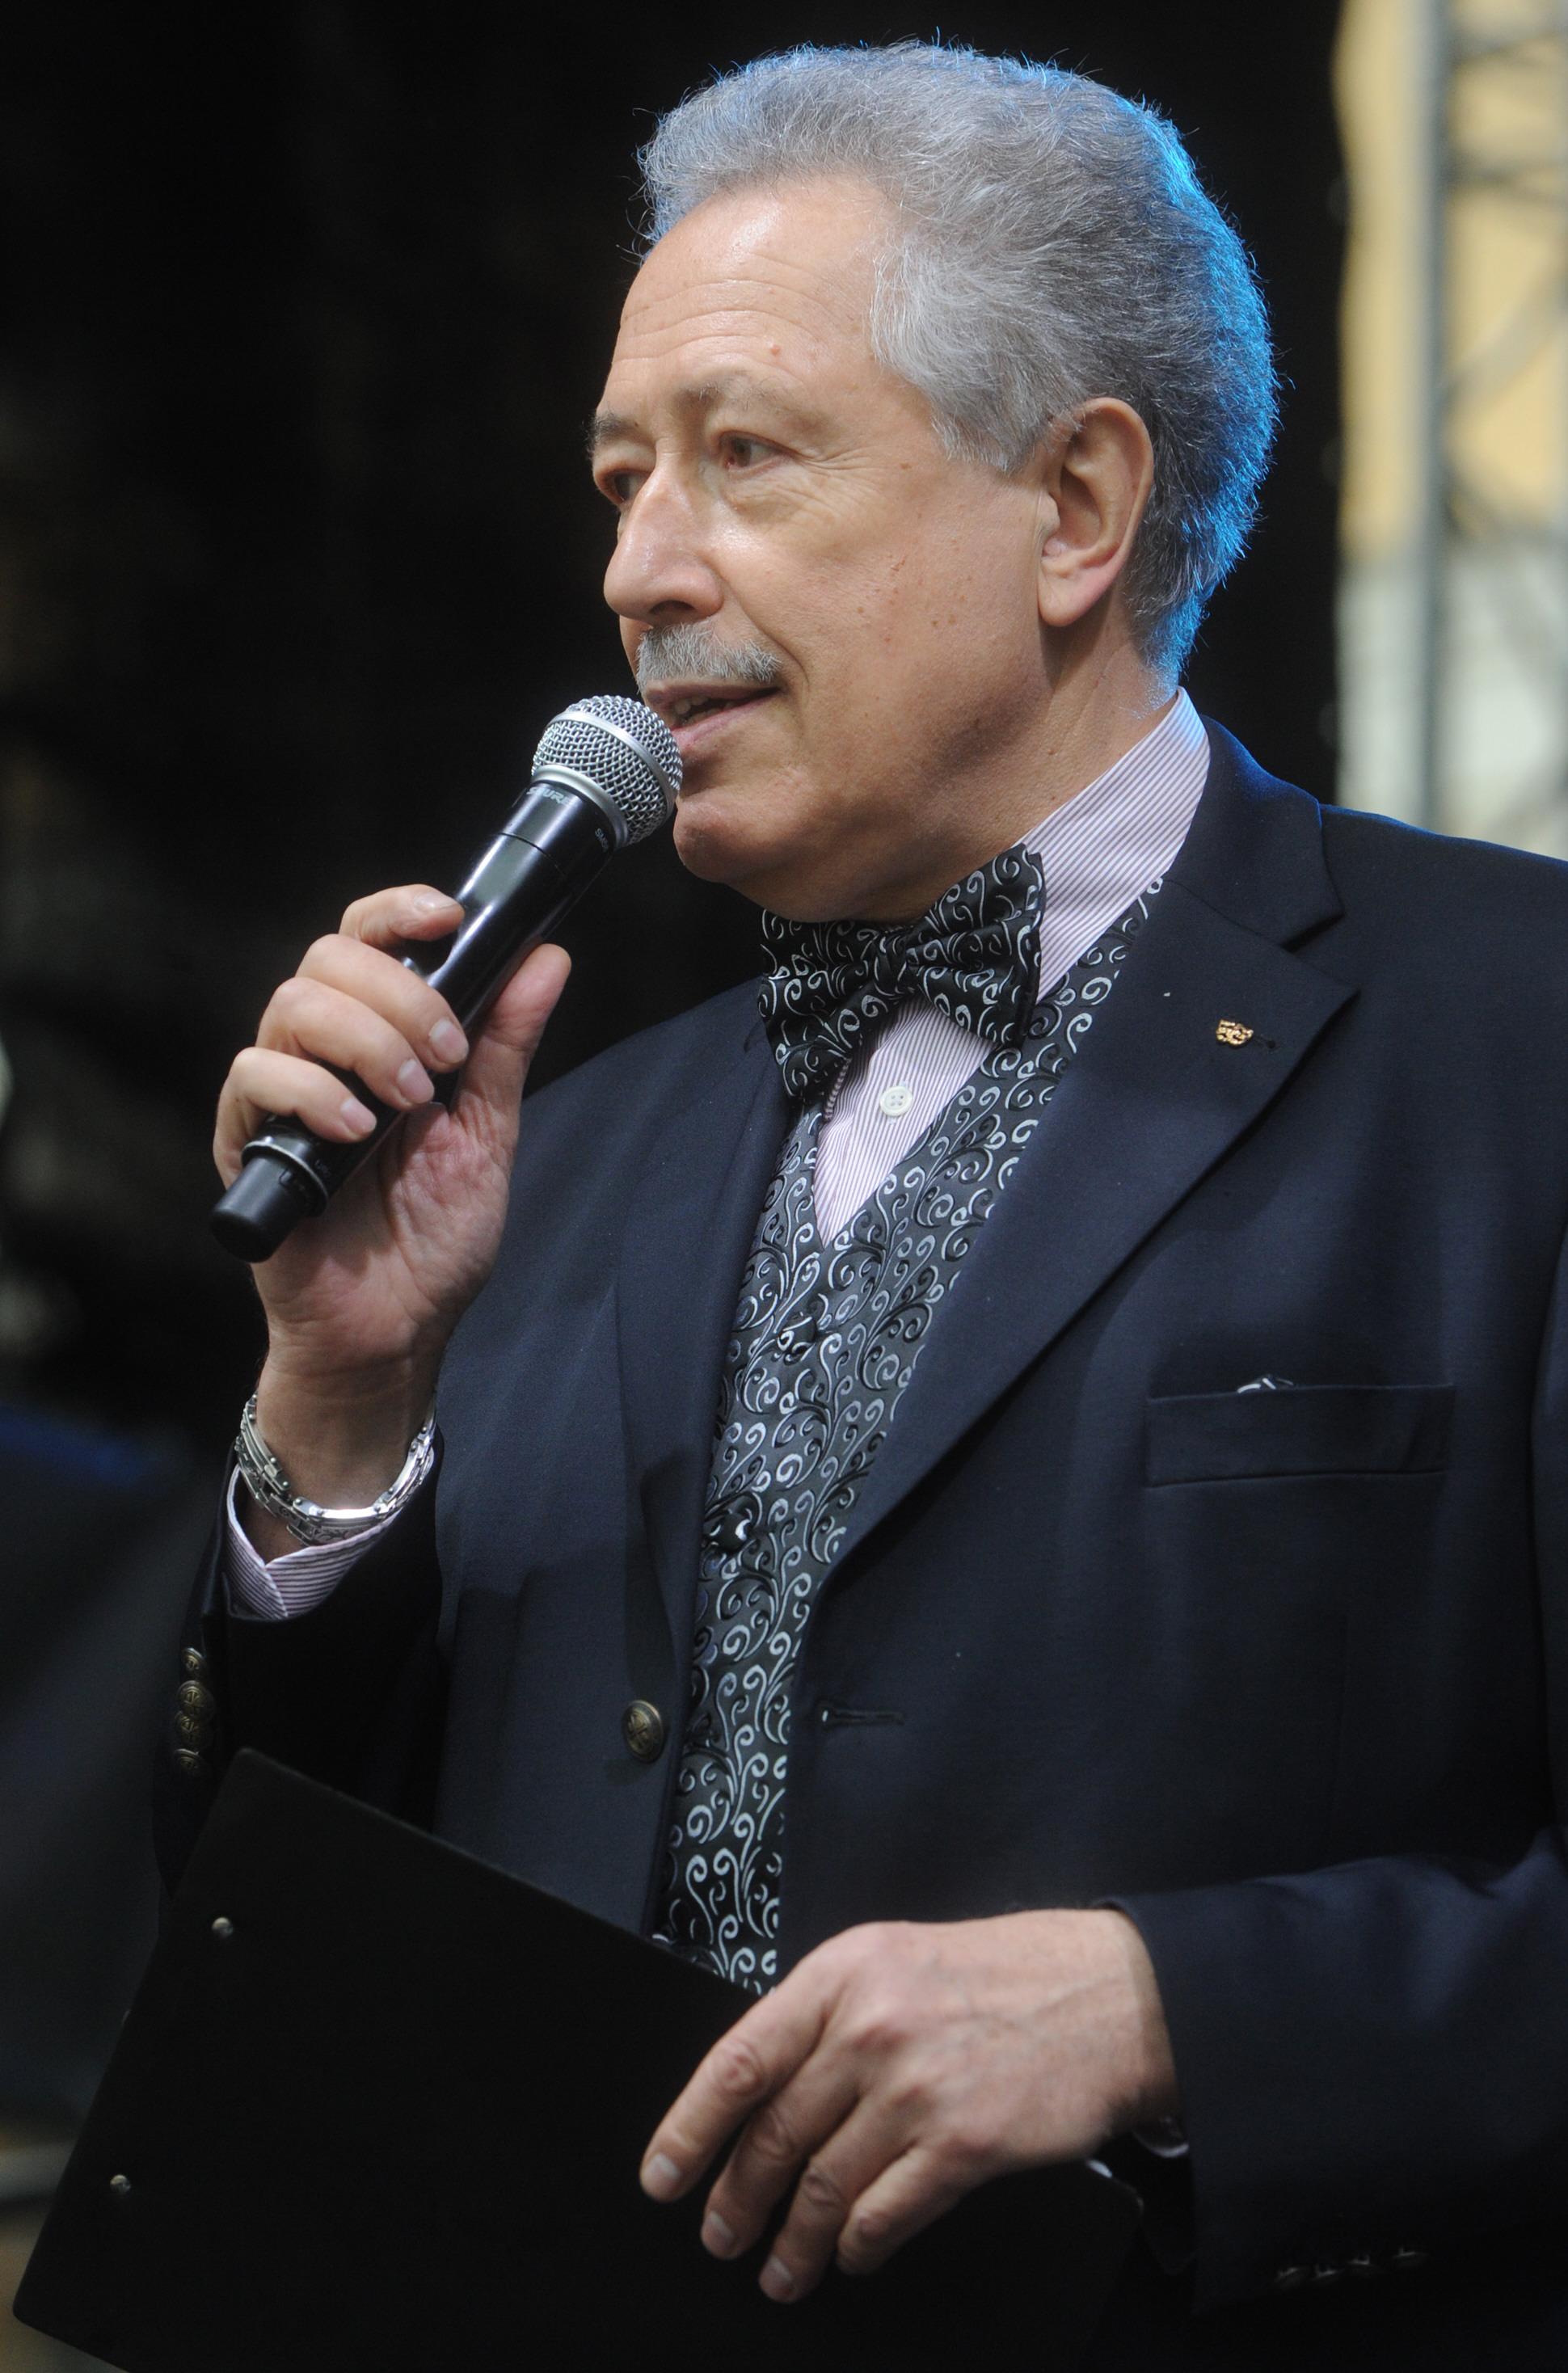 Телеведущий, музыкальный критик Святослав Бэлза